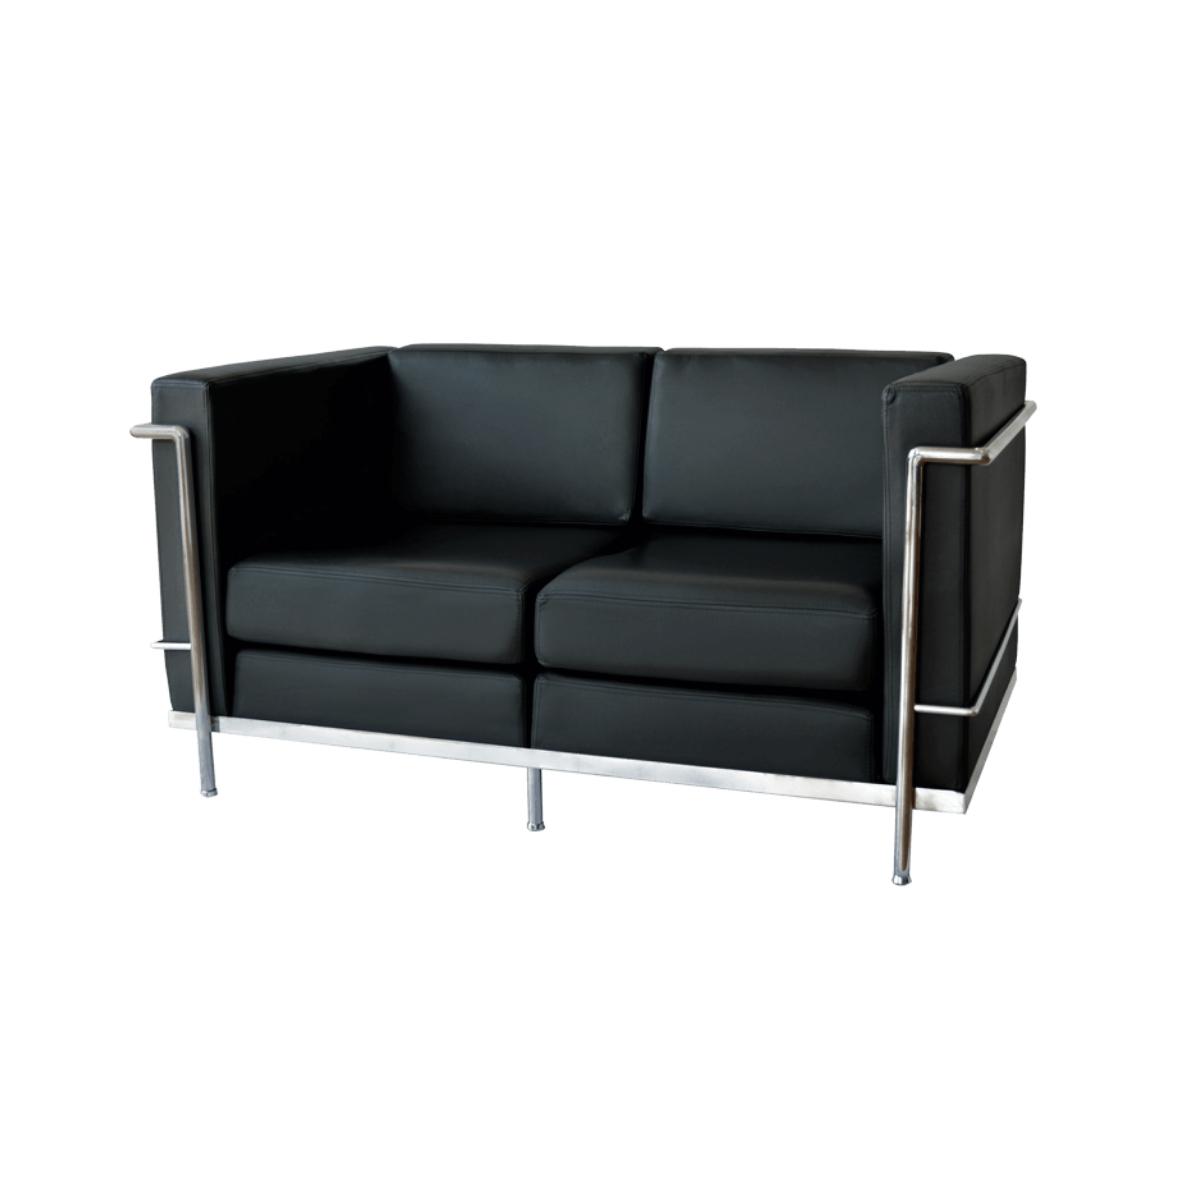 sofa-001-black-chrome